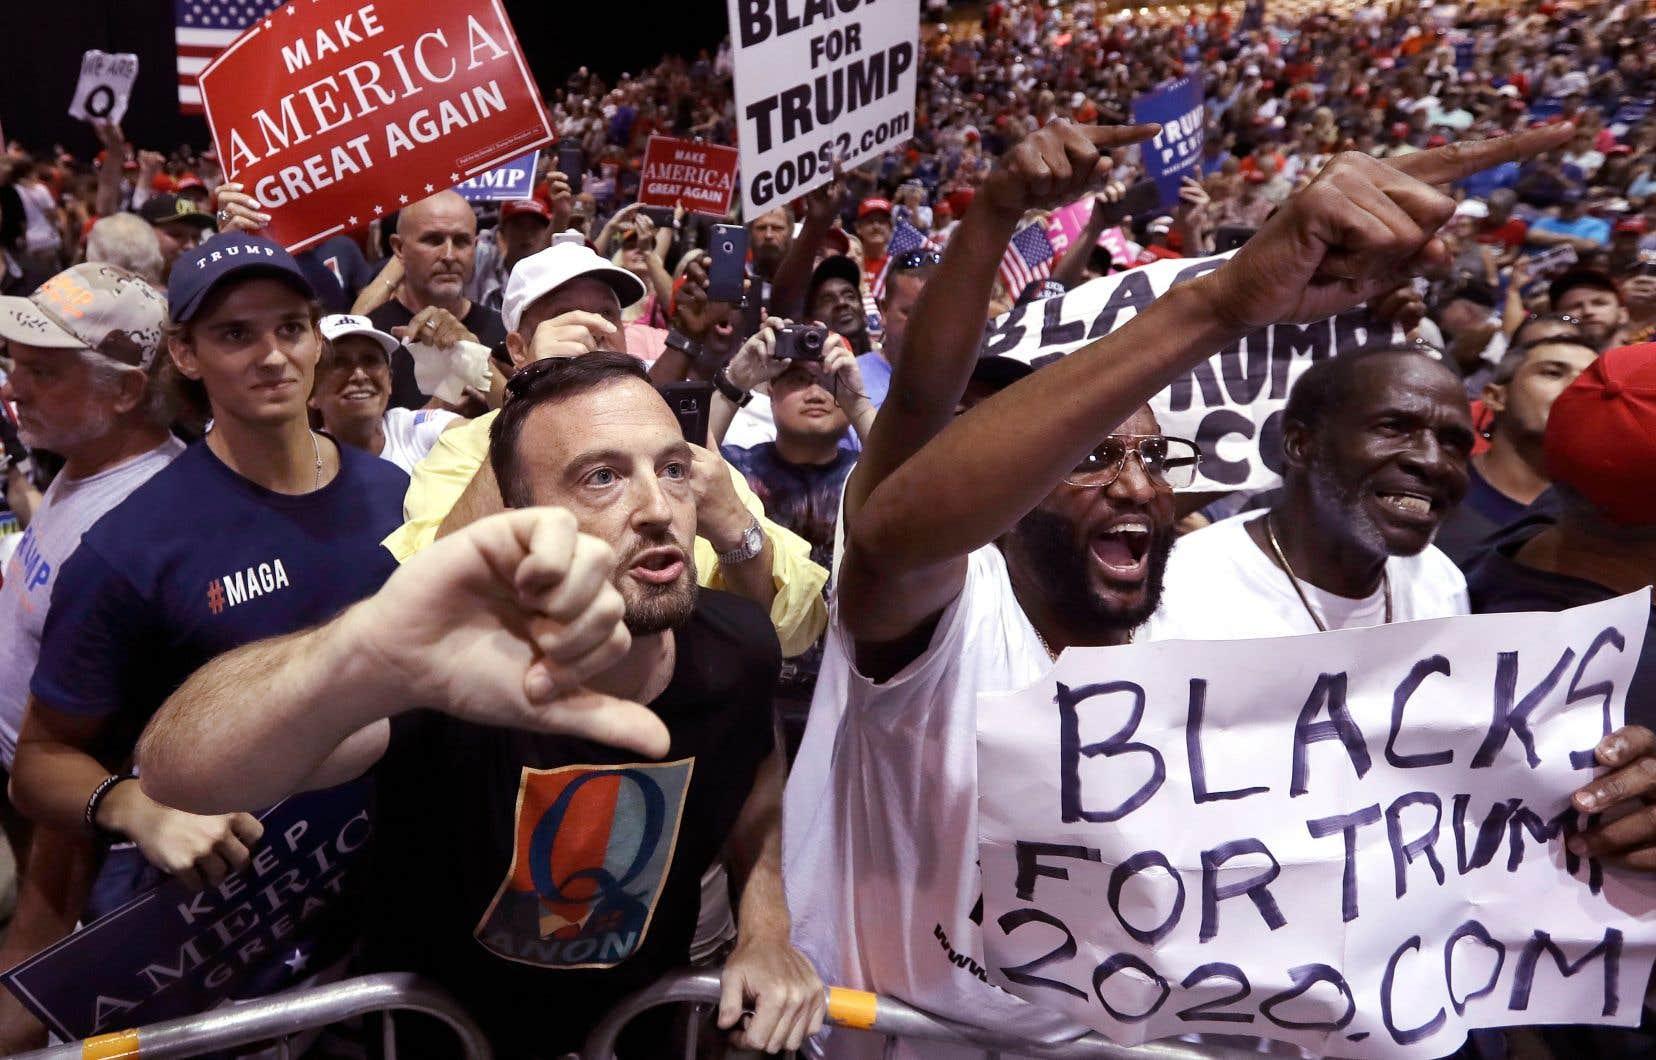 Le 31 juillet, lors du meeting politique de Donald Trump à Tampa en Floride, de nombreux soutiens du président américain arboraient un t-shirt et des pancartes portant la seule lettre «Q», donnant des visages au mouvement.